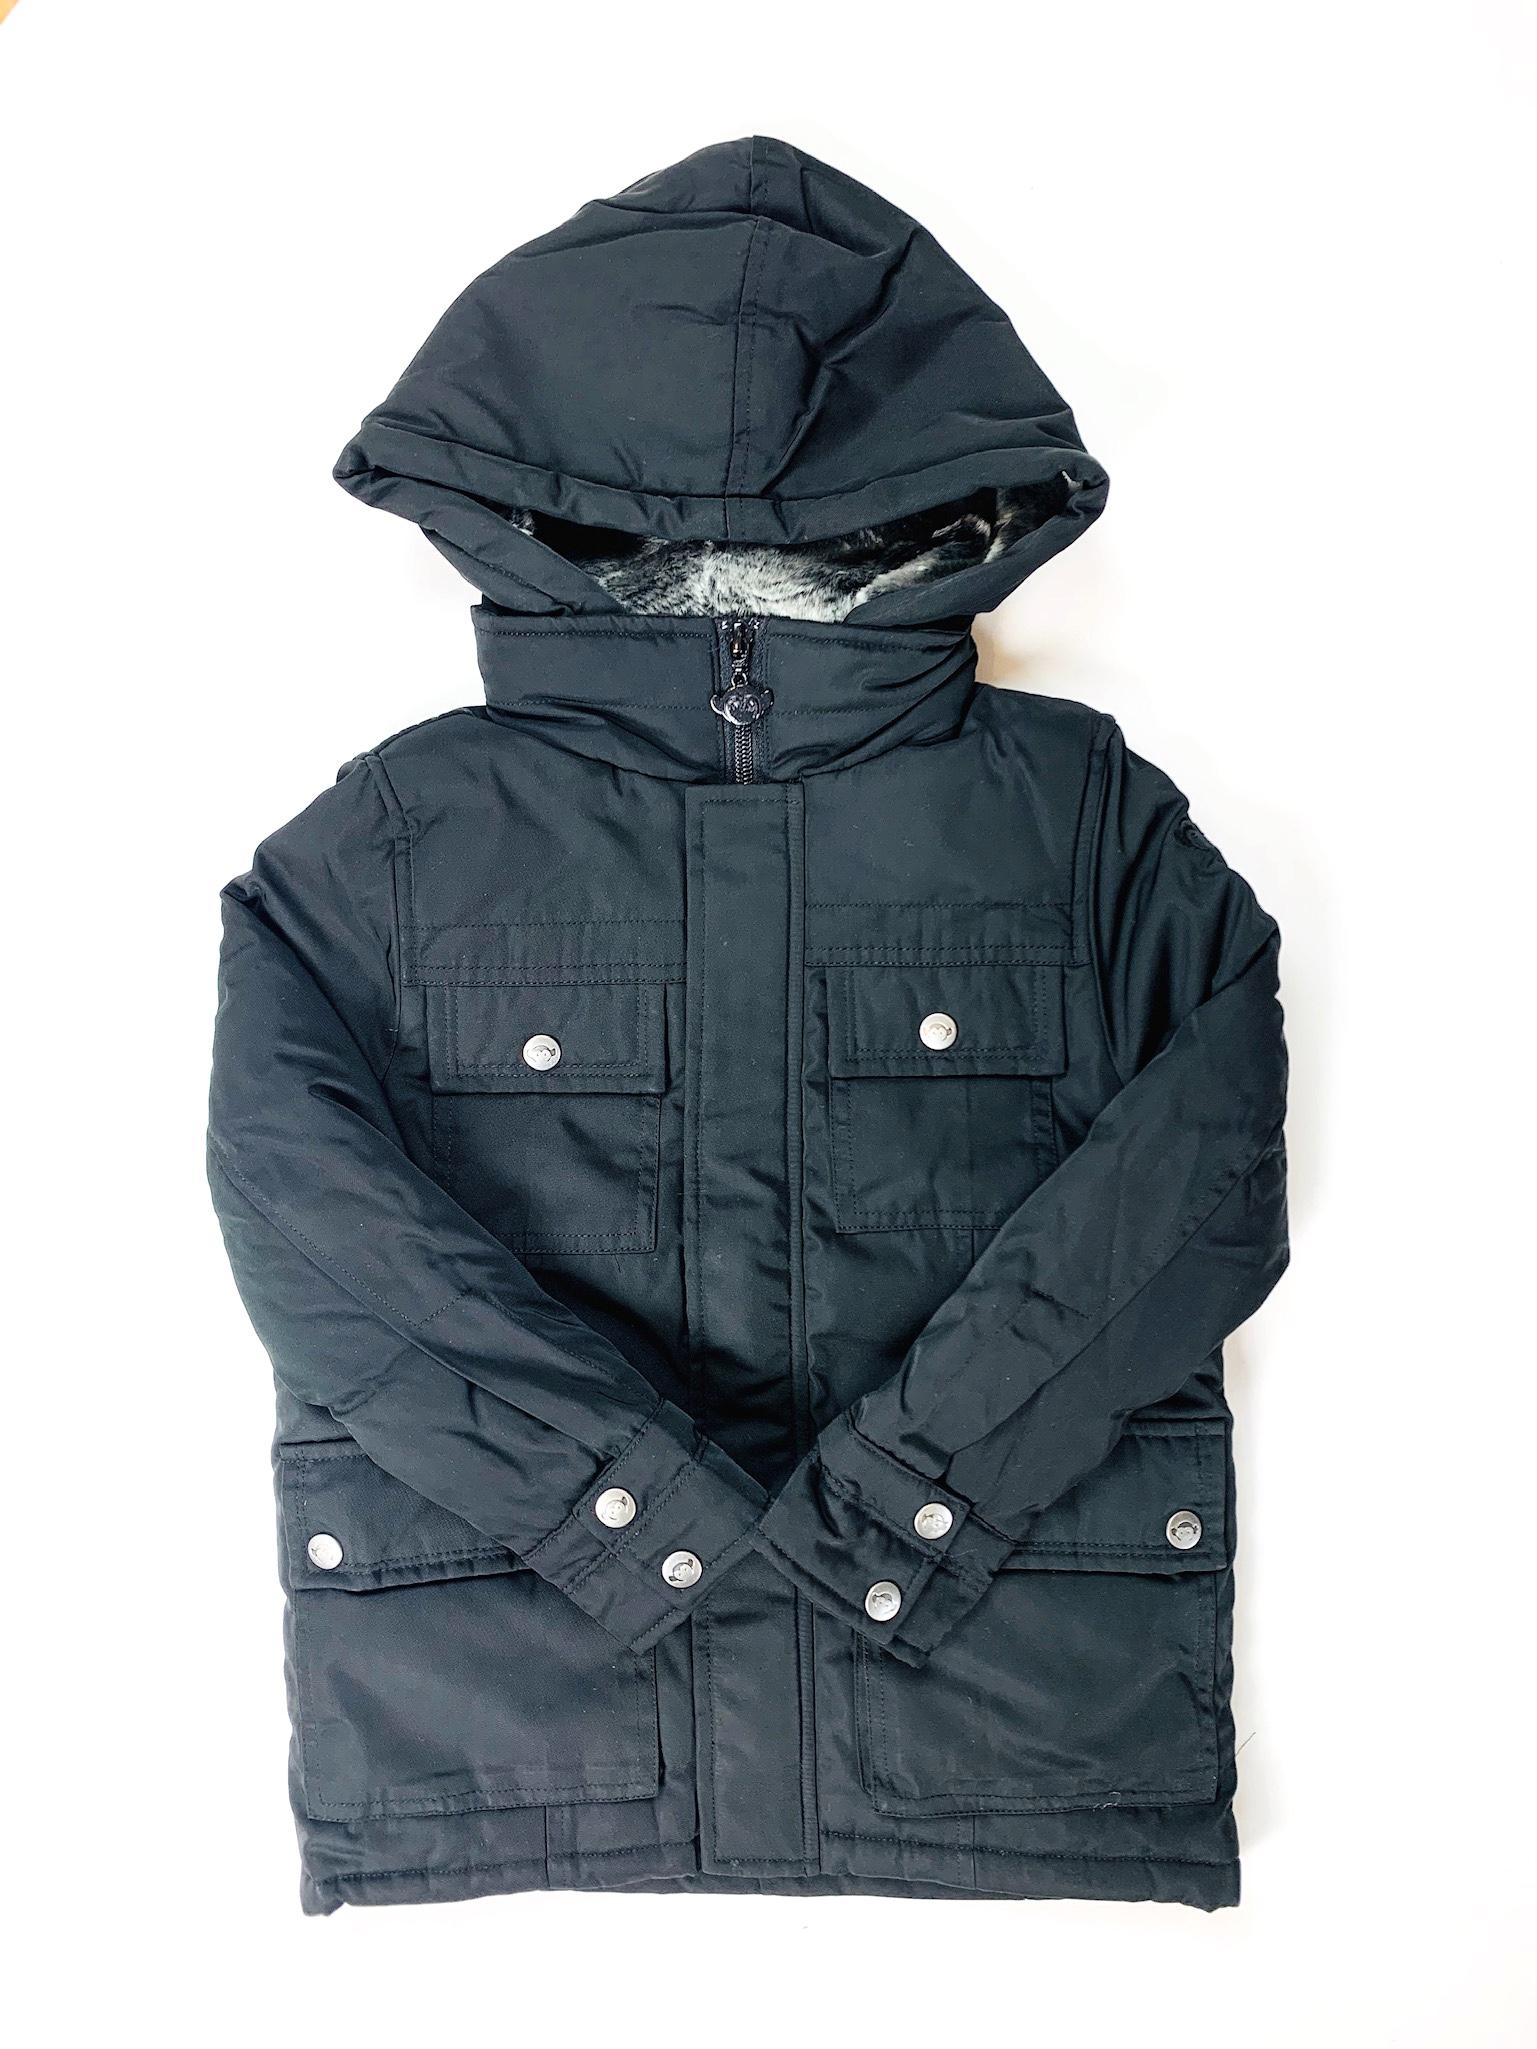 Appaman 6 Outerwear